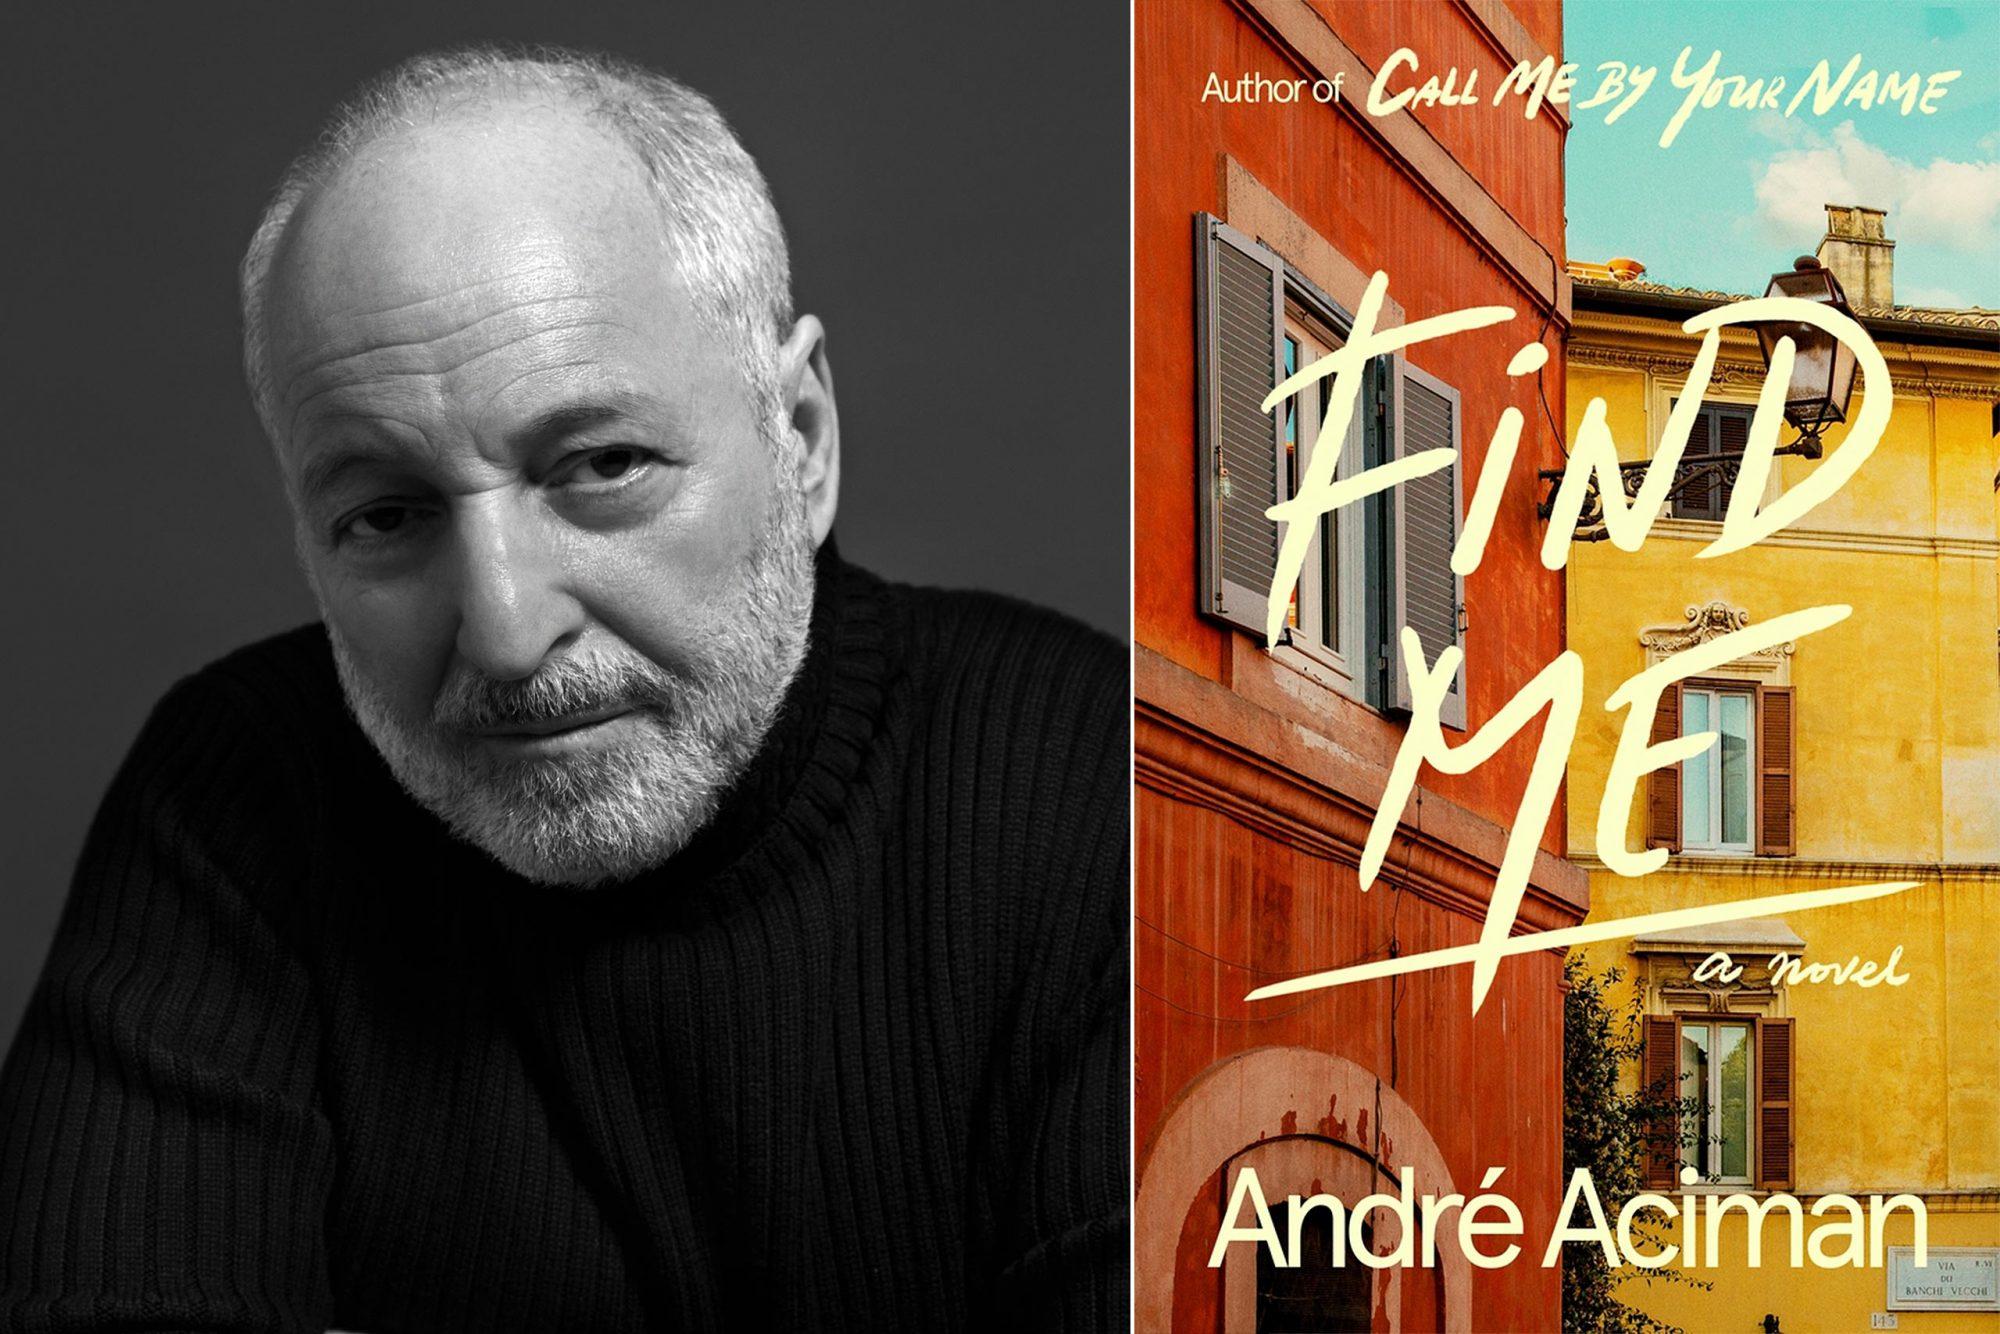 Andre Aciman / Find Me